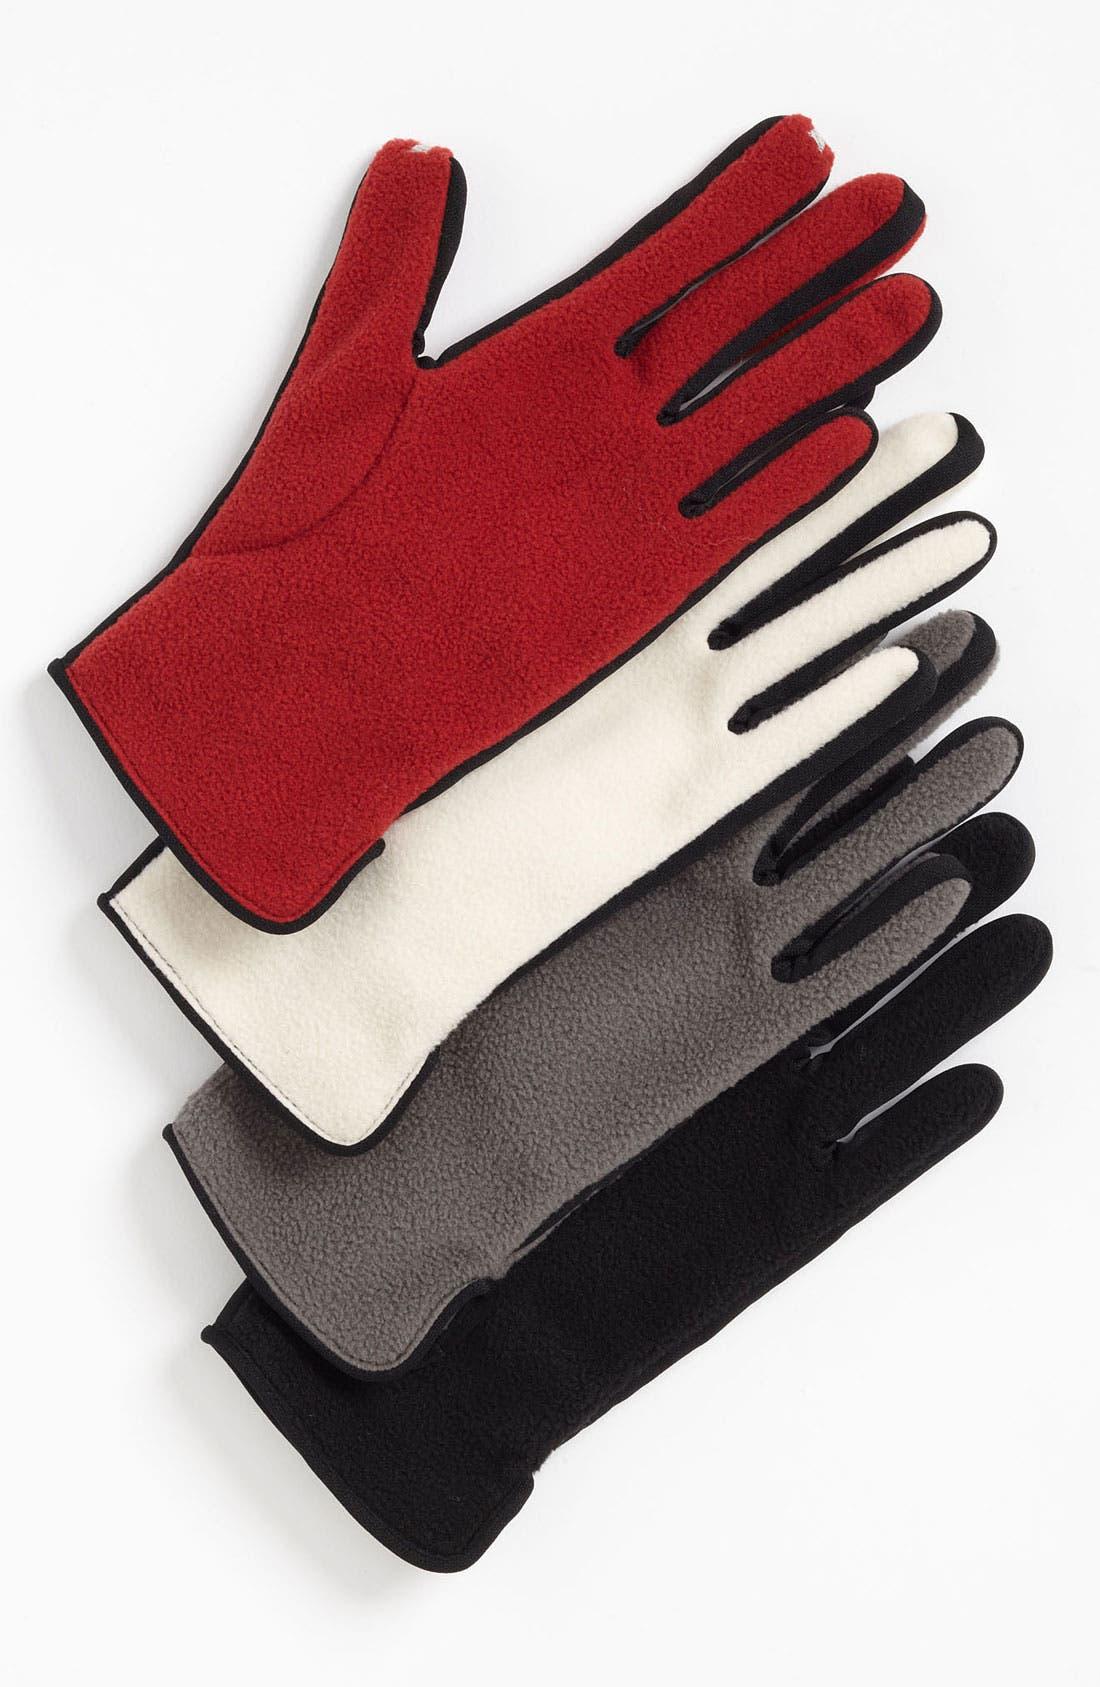 Alternate Image 1 Selected - Grandoe Gloves 'Psyche' Tech Gloves